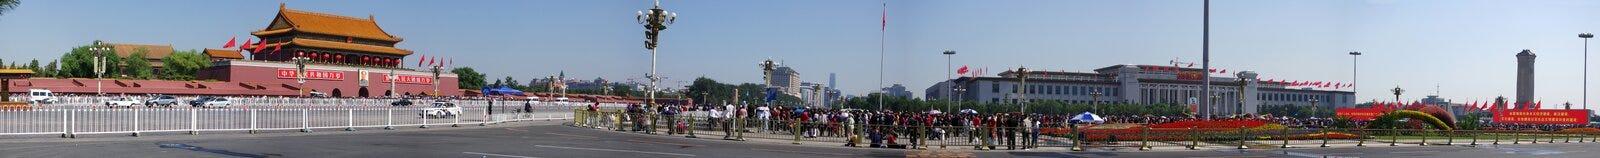 Η πανοραμική όψη του Πεκίνου στοκ φωτογραφίες με δικαίωμα ελεύθερης χρήσης